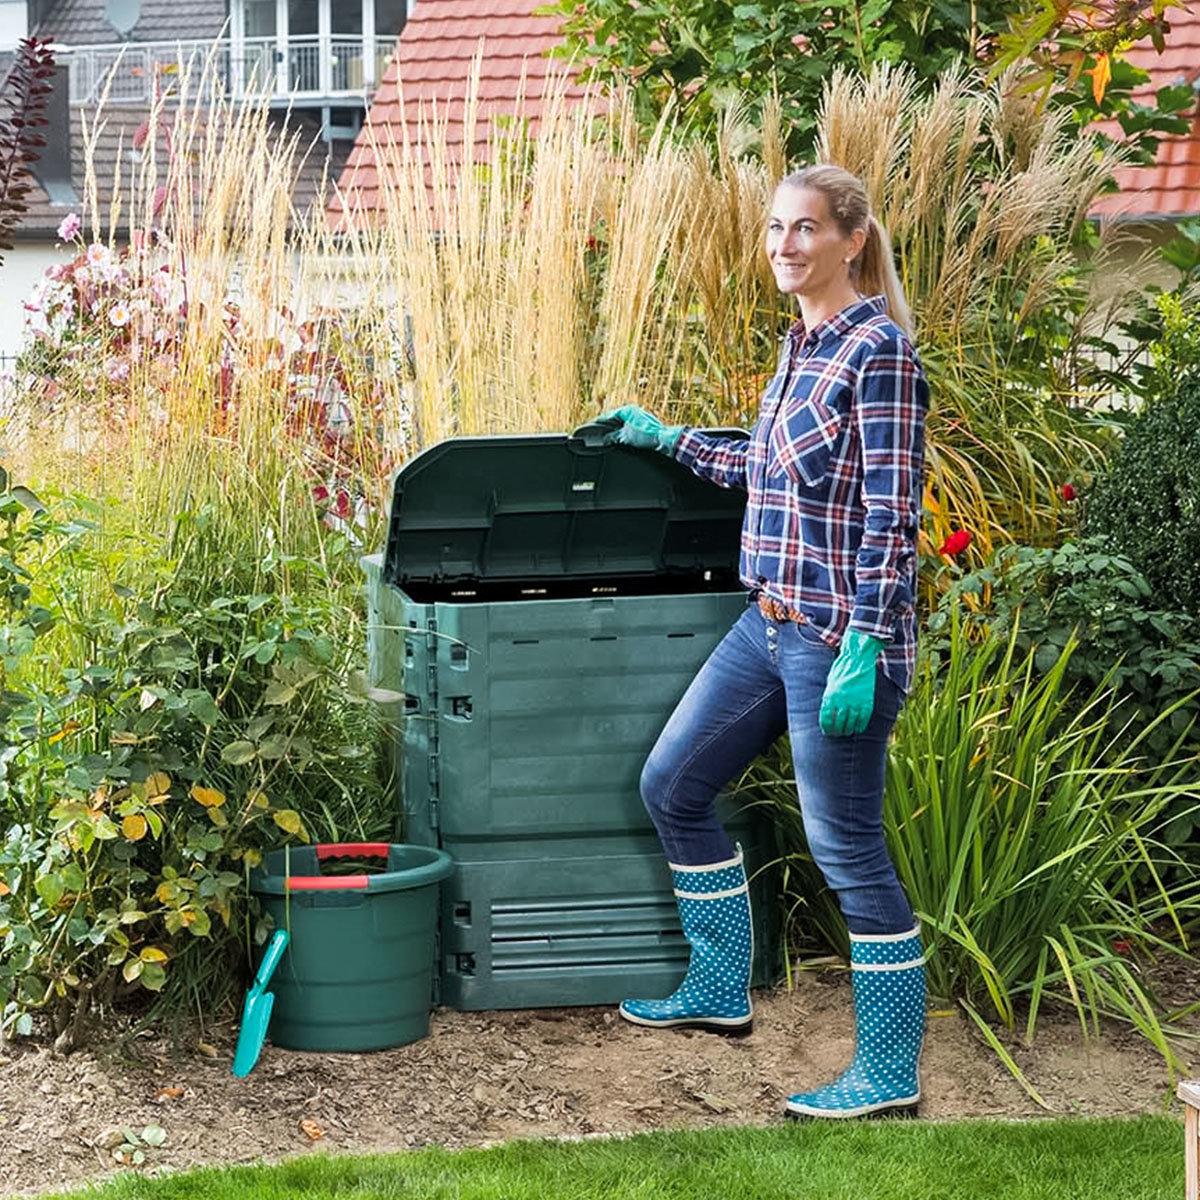 Komposter Thermo King, 400 l, grün